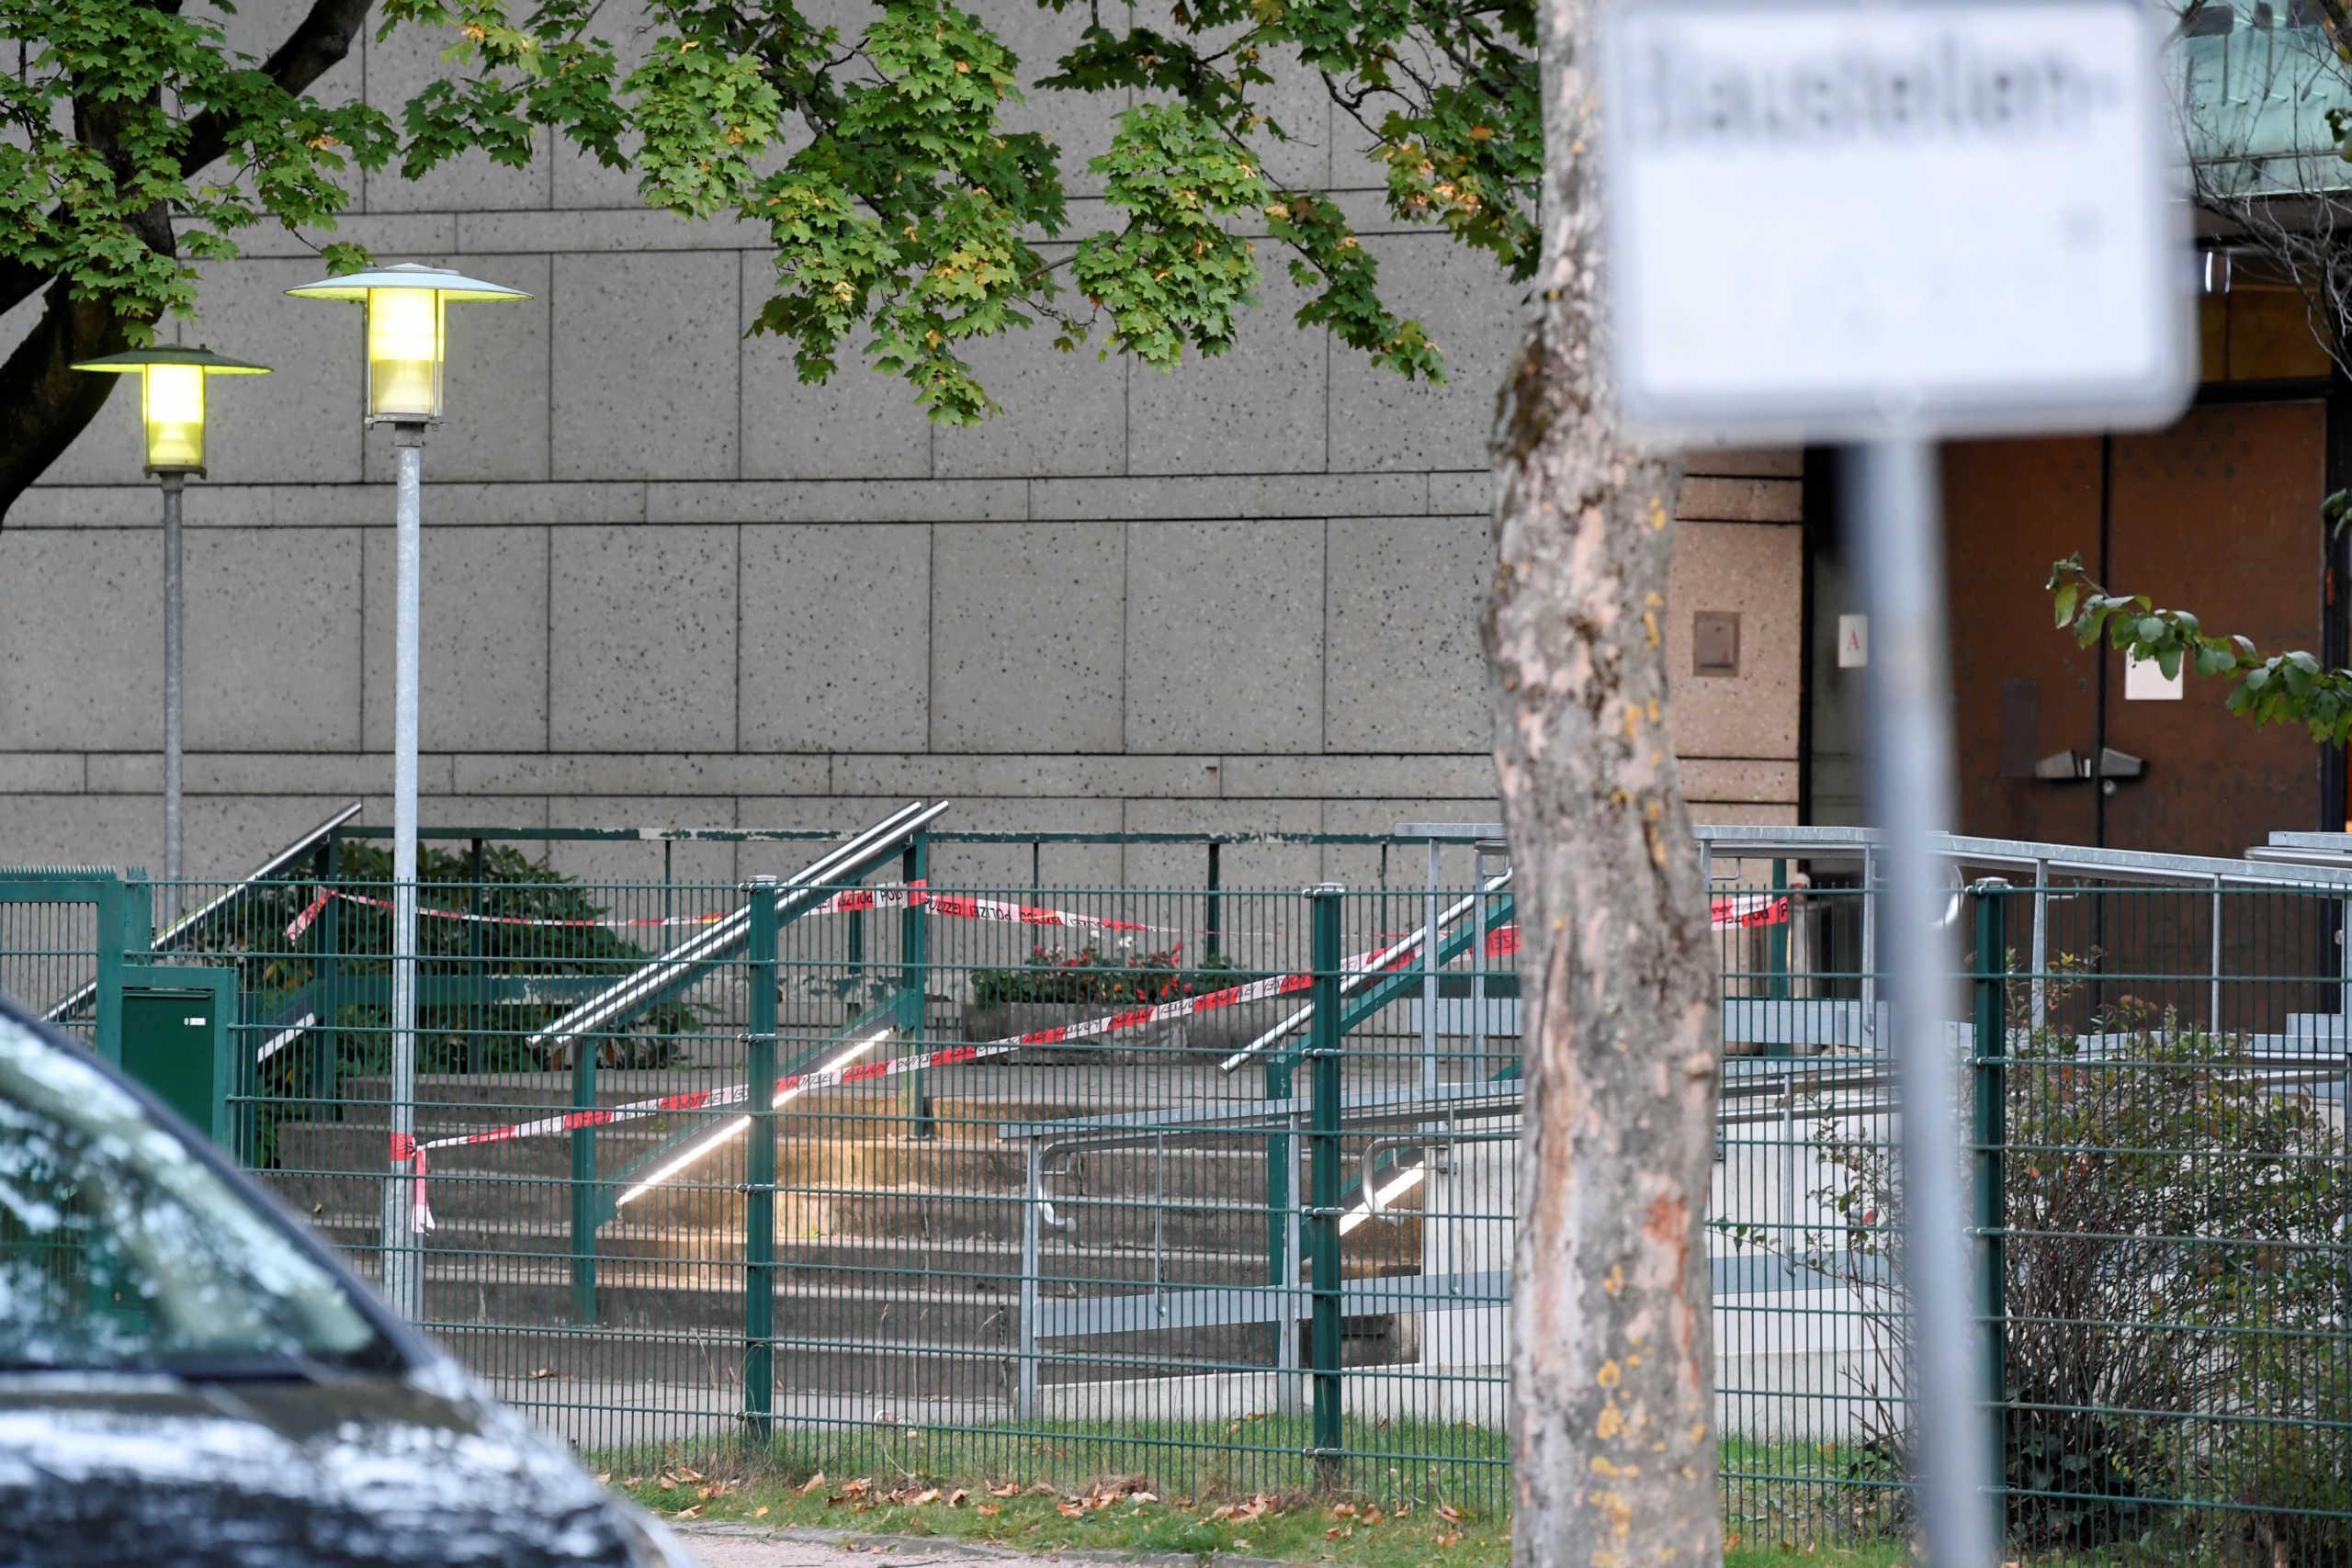 Αμβούργο: Επίθεση με μαχαίρι σε συναγωγή – Ένας τραυματίας (pics)